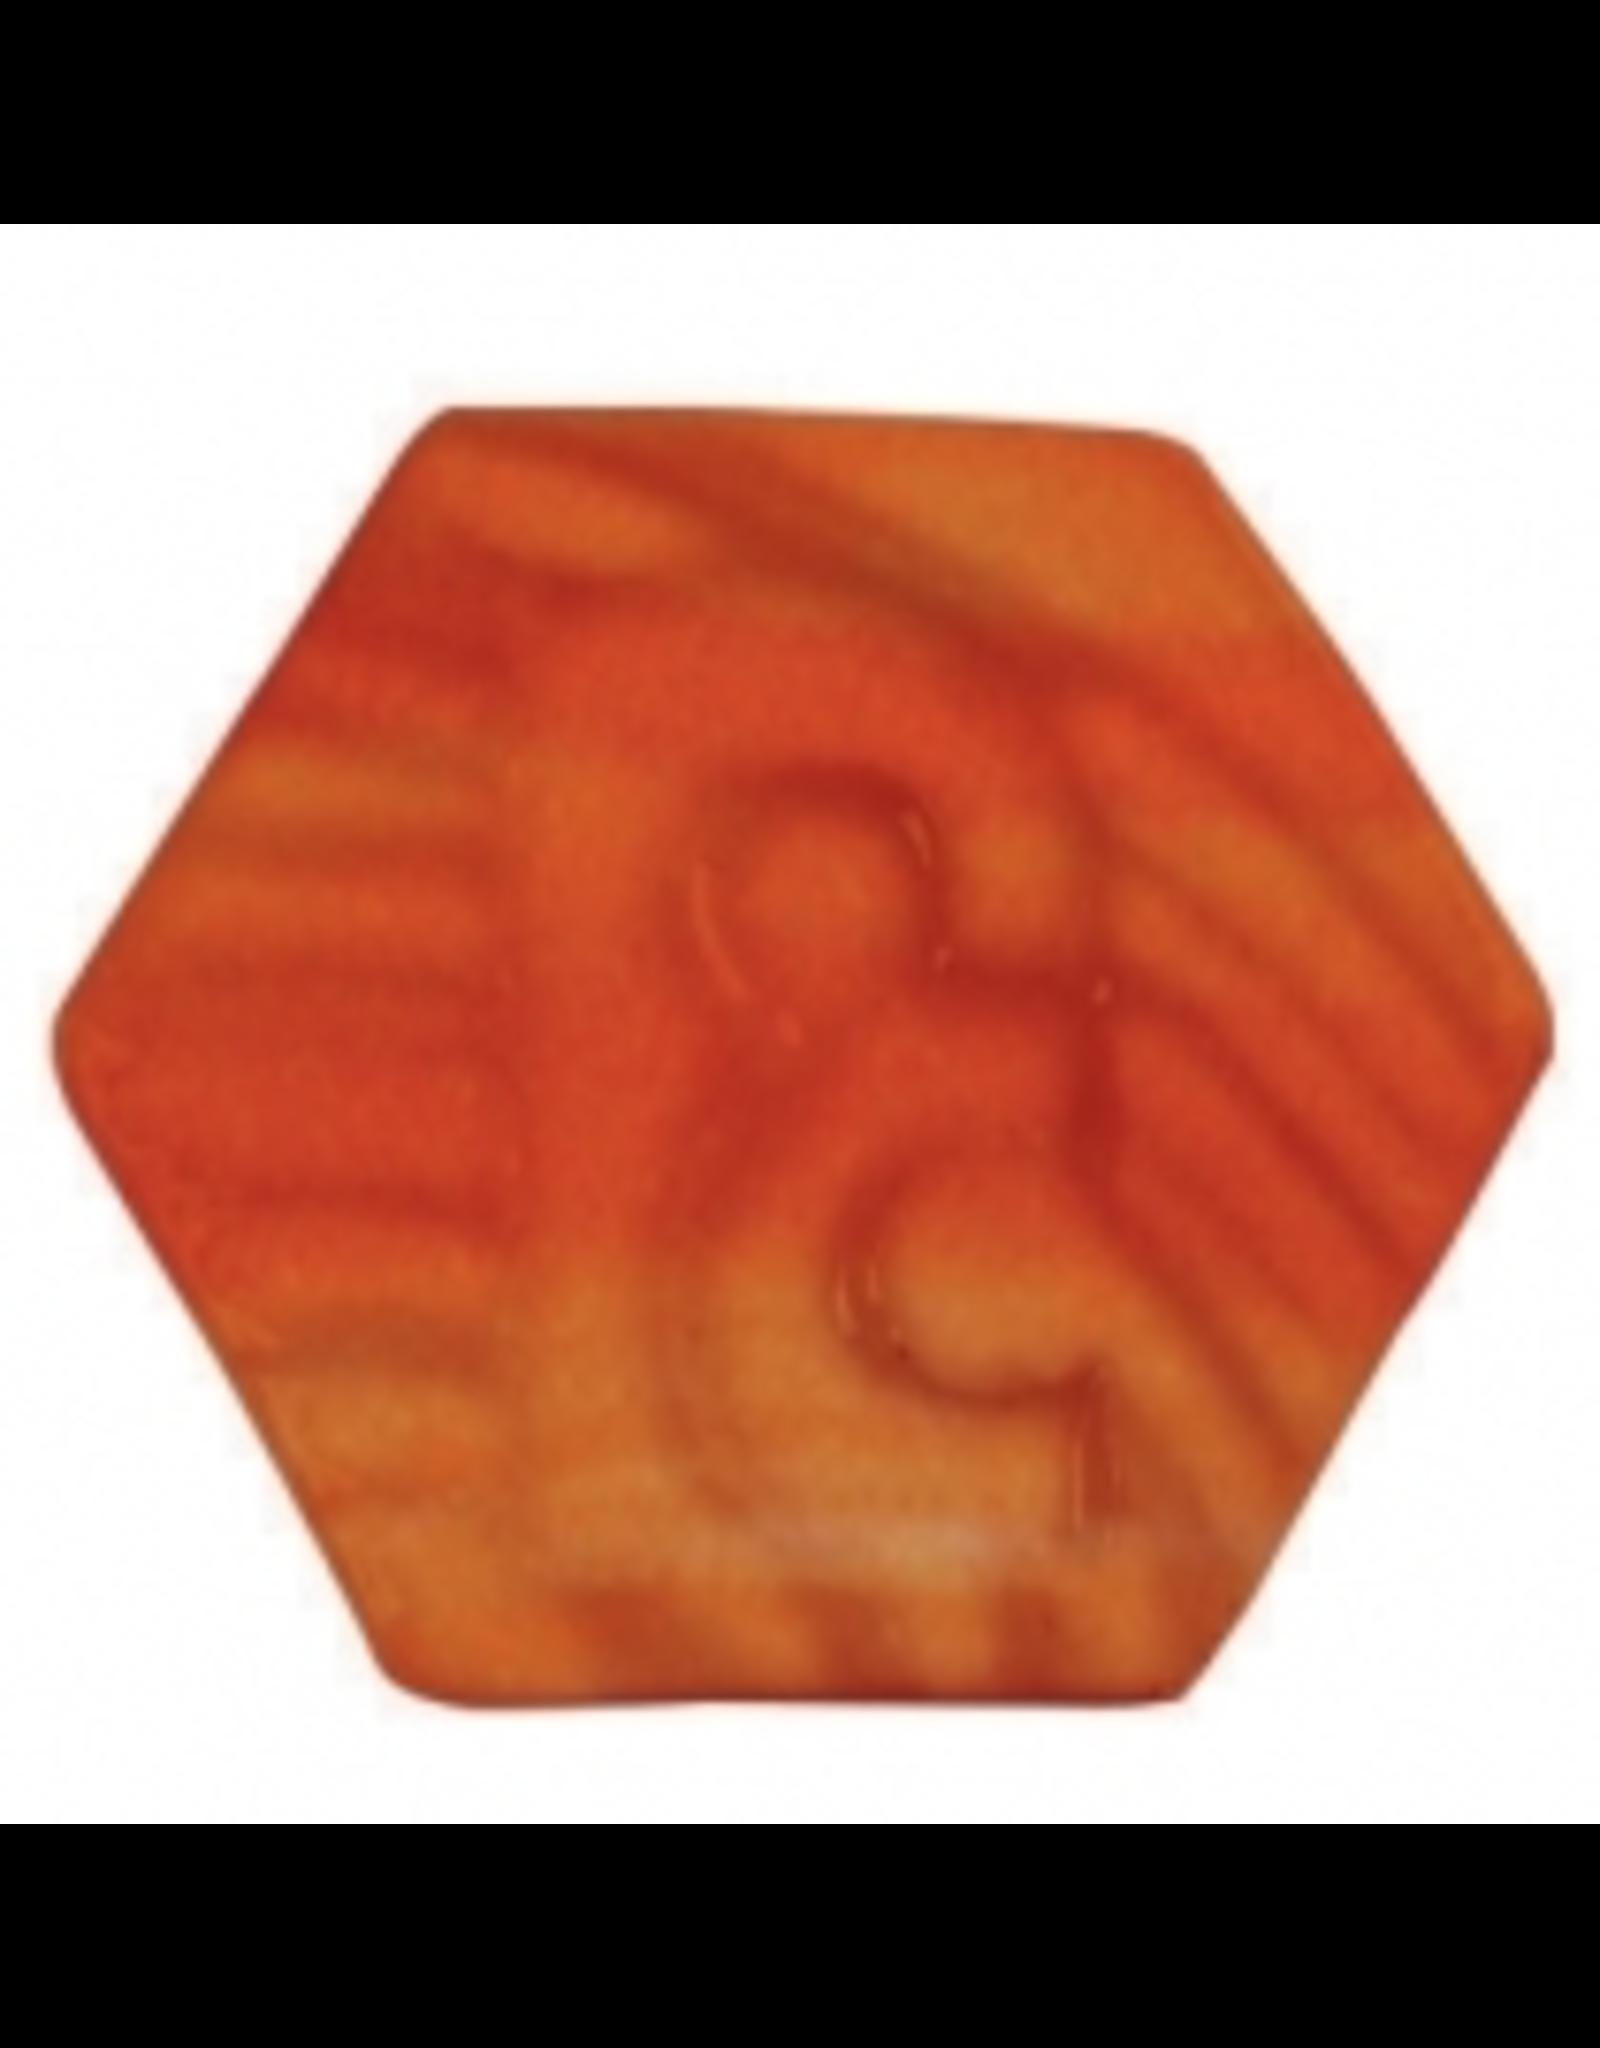 Potterycrafts Bright Orange On-glaze